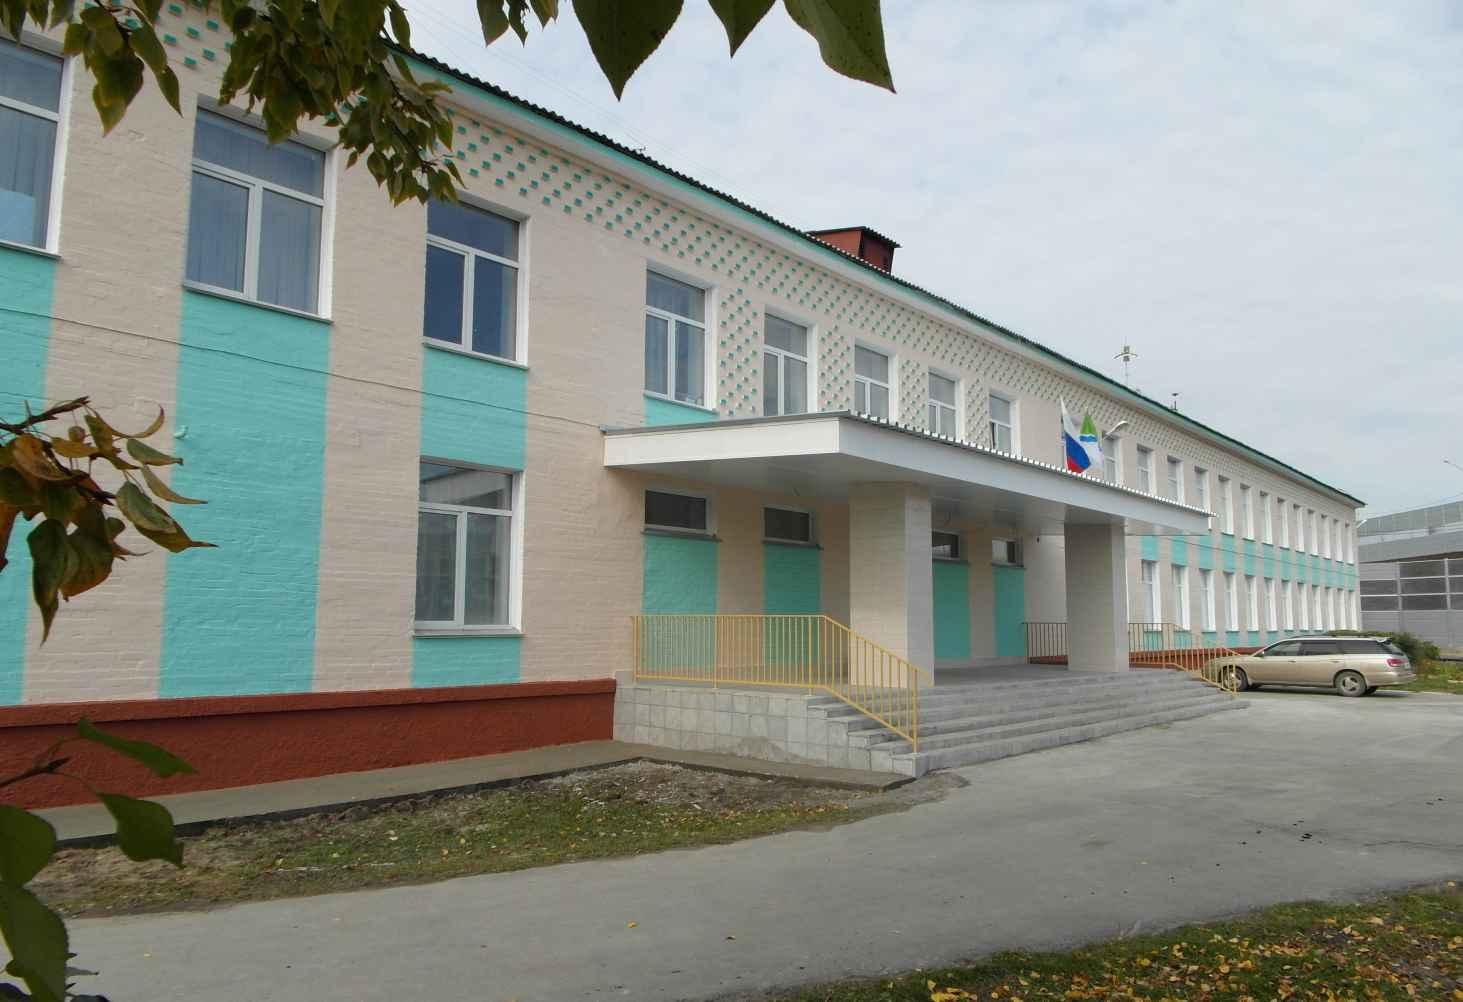 shkola-v-novosibirske-budet-otaplivatsya-energiej-zemli